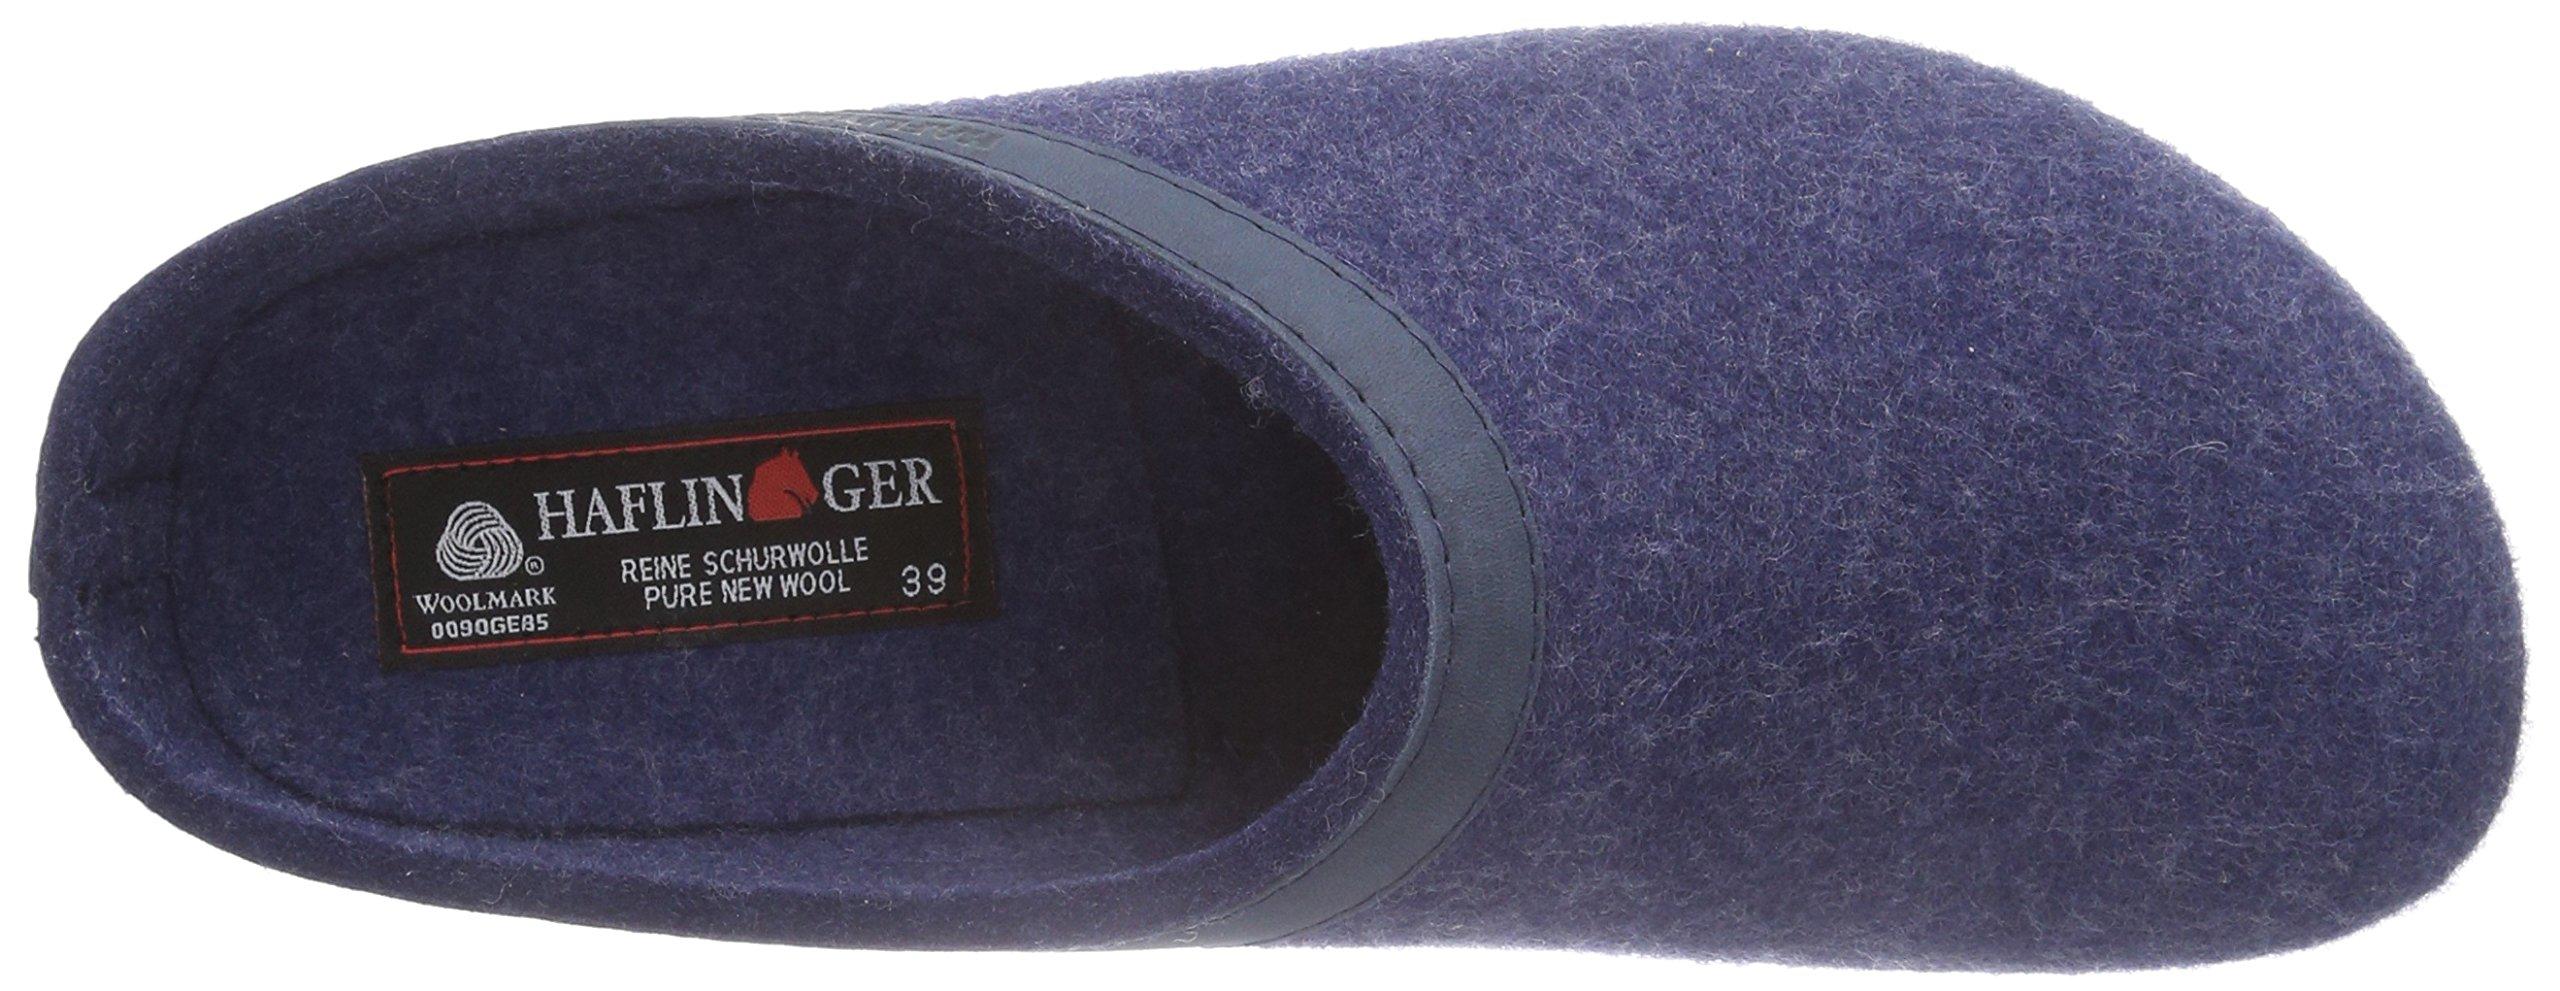 Haflinger 713001 Slippers, Filztoffel Grizzly Torben, Jeans, Gr 50 by Haflinger (Image #12)